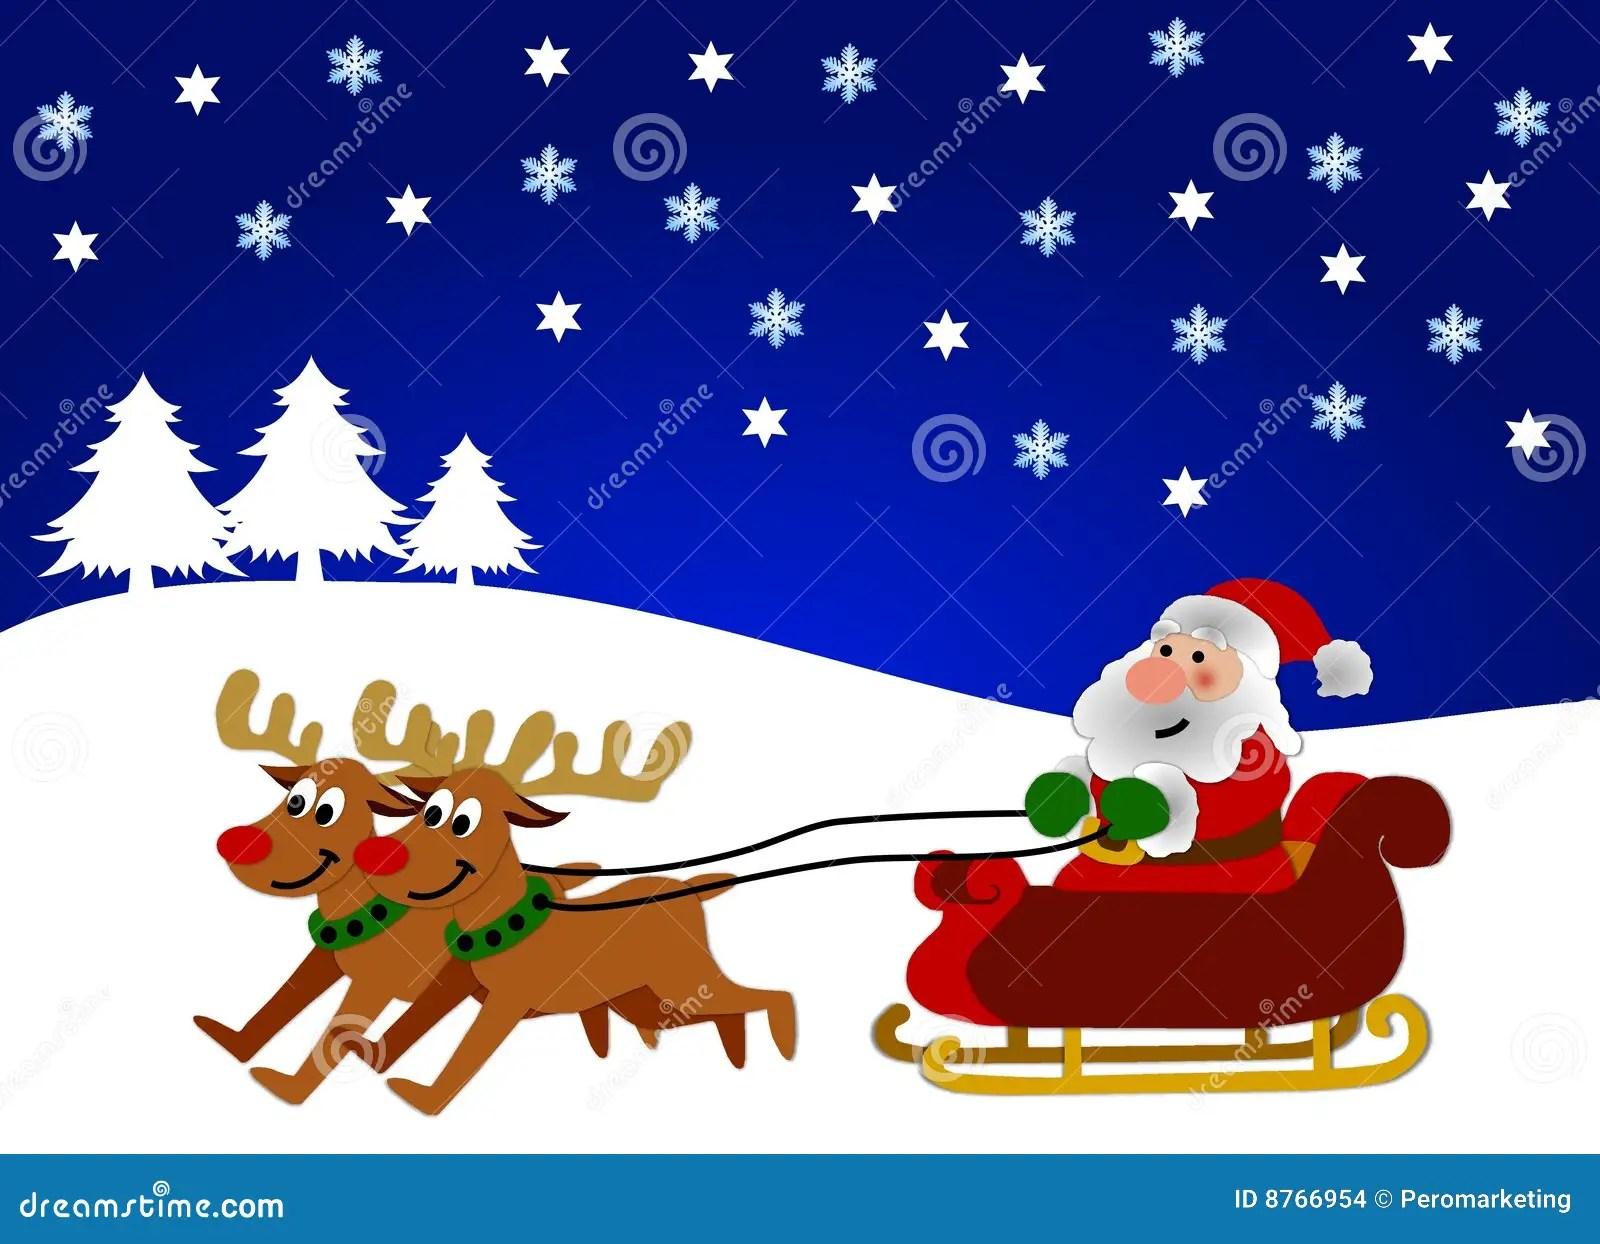 Father Christmas Sleigh